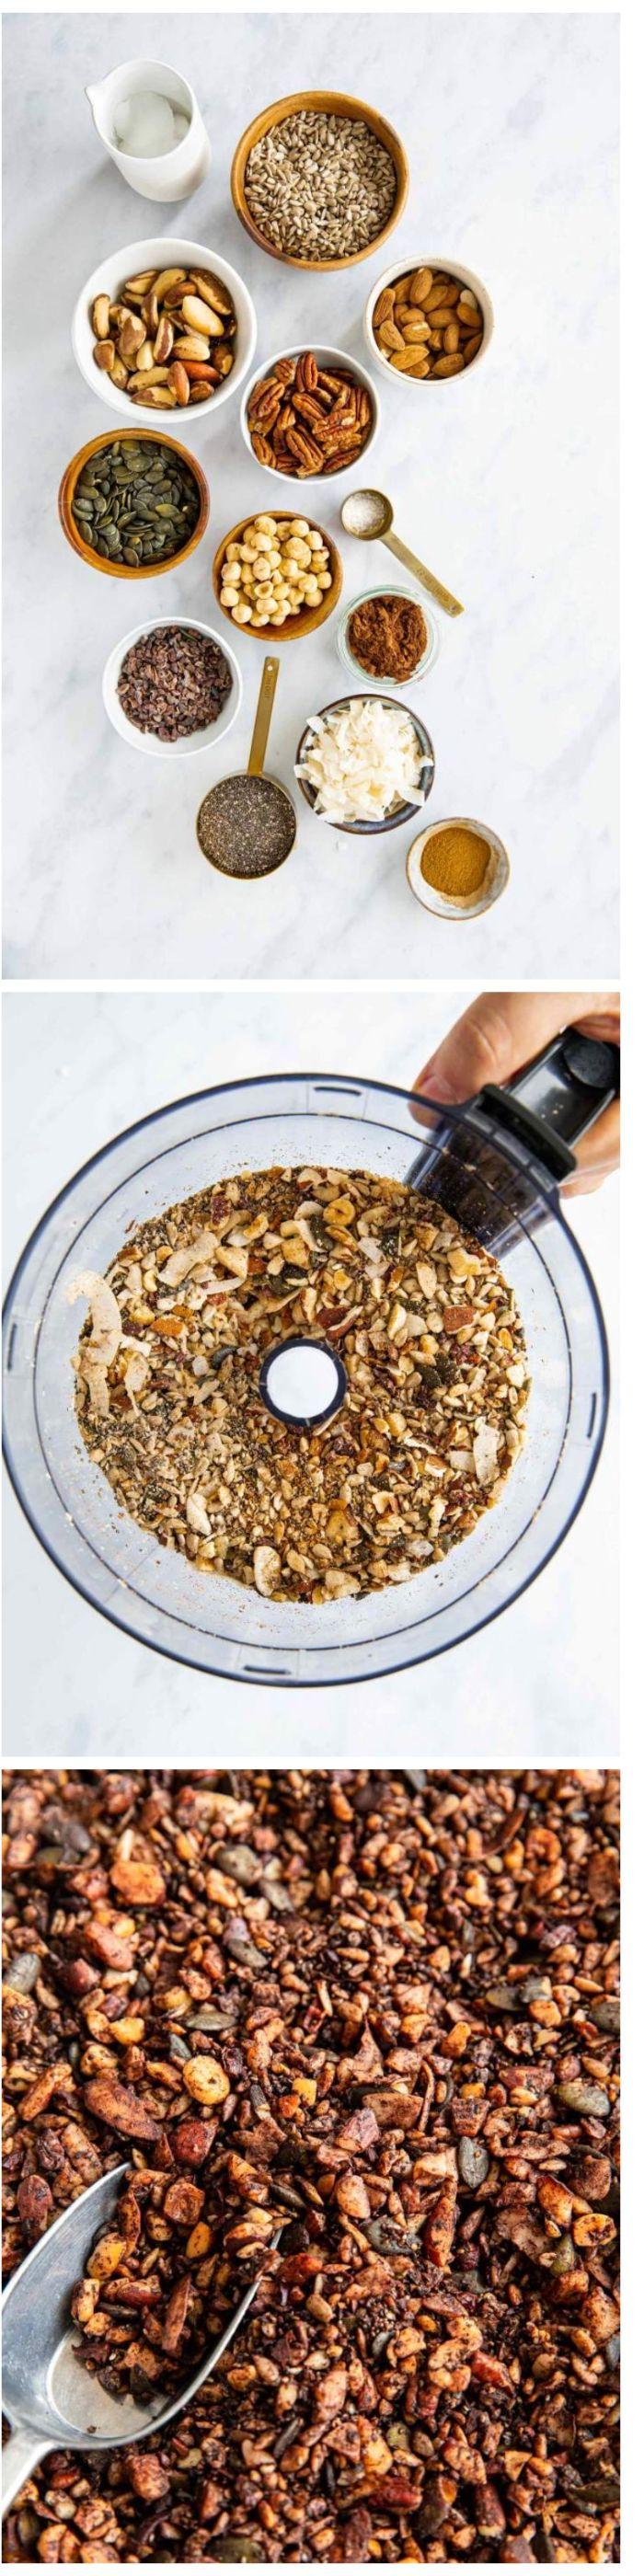 idee granola maison a faire soi meme dans version cetogene aux noix, graines, coco, cannelle et huile de coco